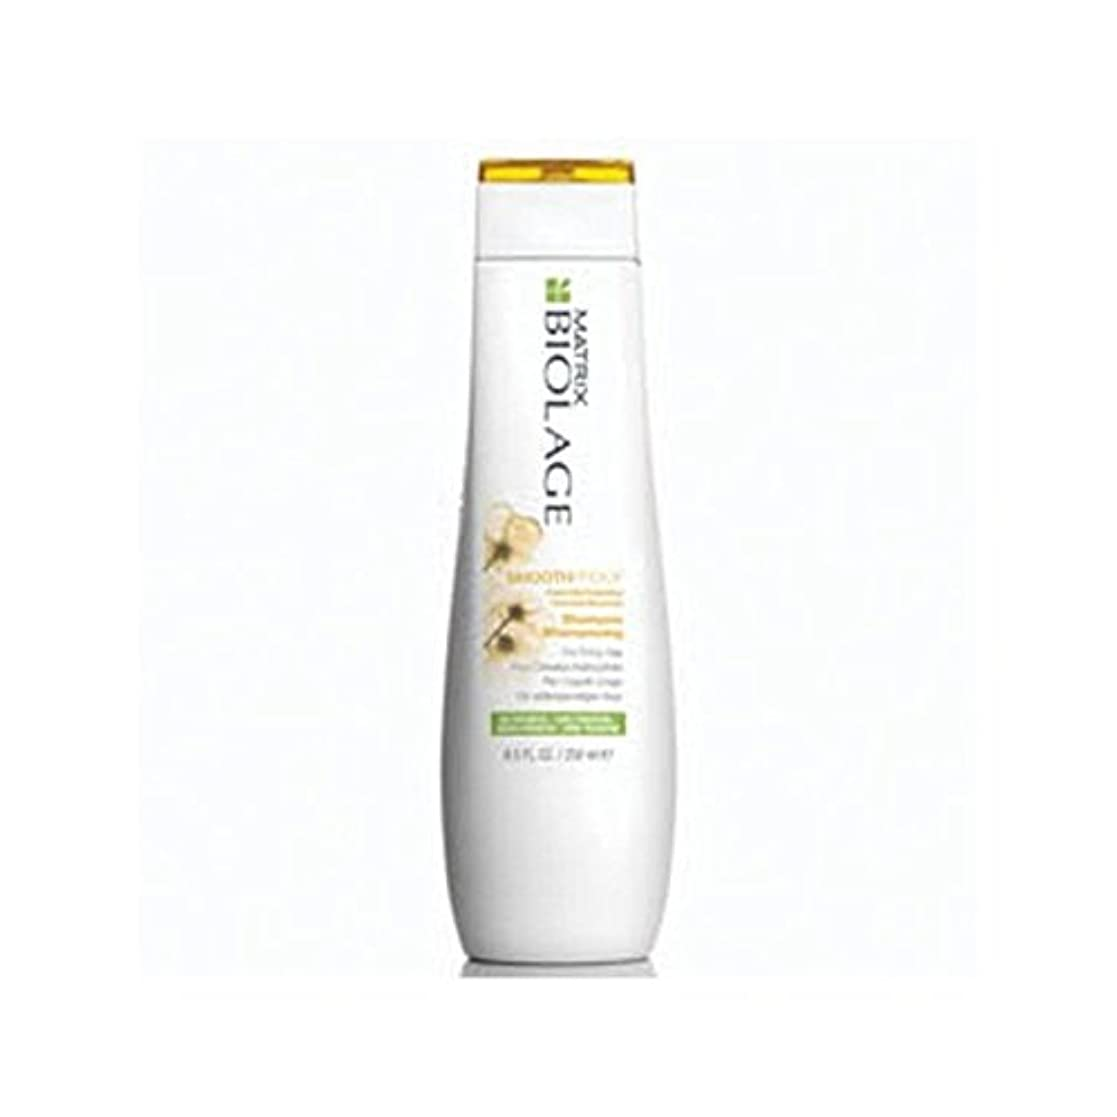 りわざわざブレンドMatrix Biolage Smoothproof Shampoo (250ml) - マトリックスバイオレイジのシャンプー(250ミリリットル) [並行輸入品]